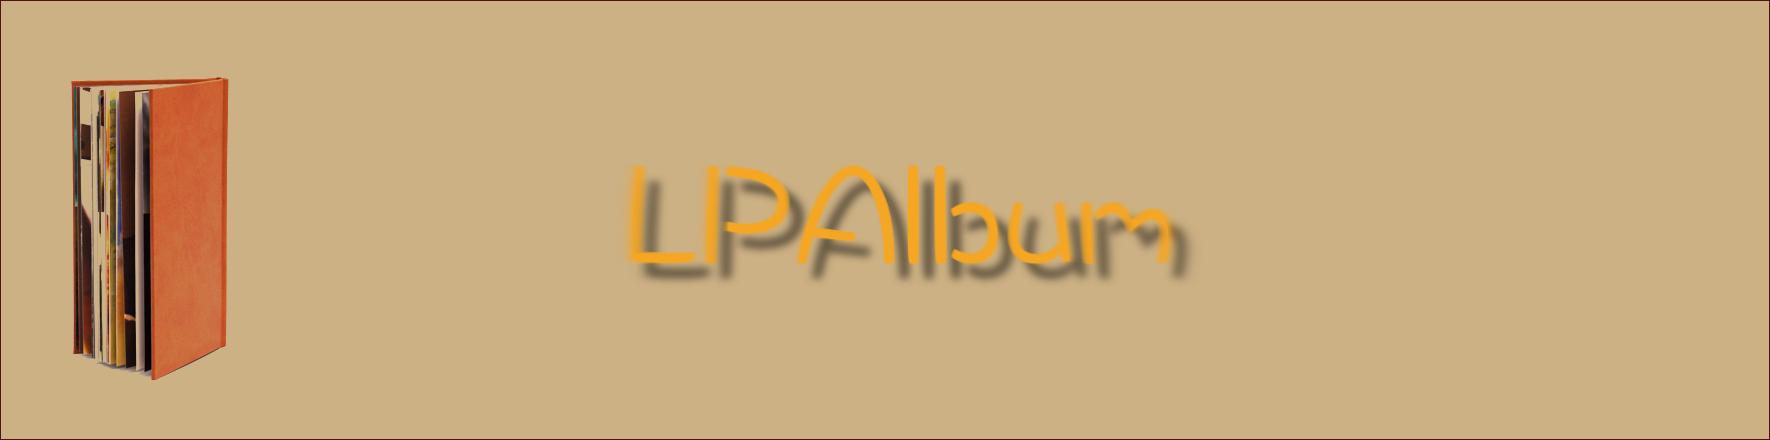 LPAlbum